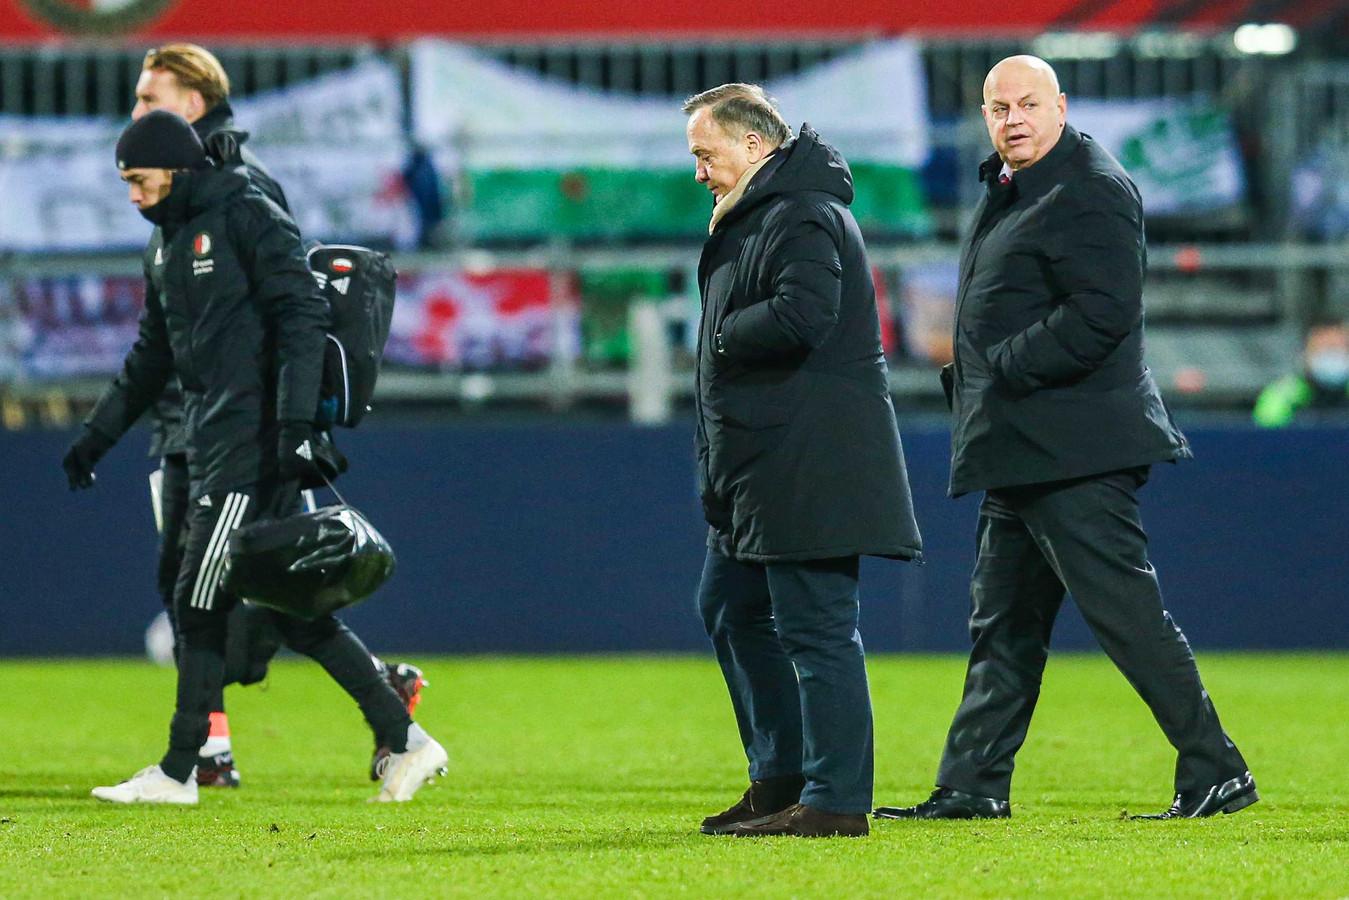 Dick Advocaat druipt af na de 2-3 nederlaag tegen AZ.Het betekende zijn eerste thuisnederlaag in de Eredivisie als coach van Feyenoord.